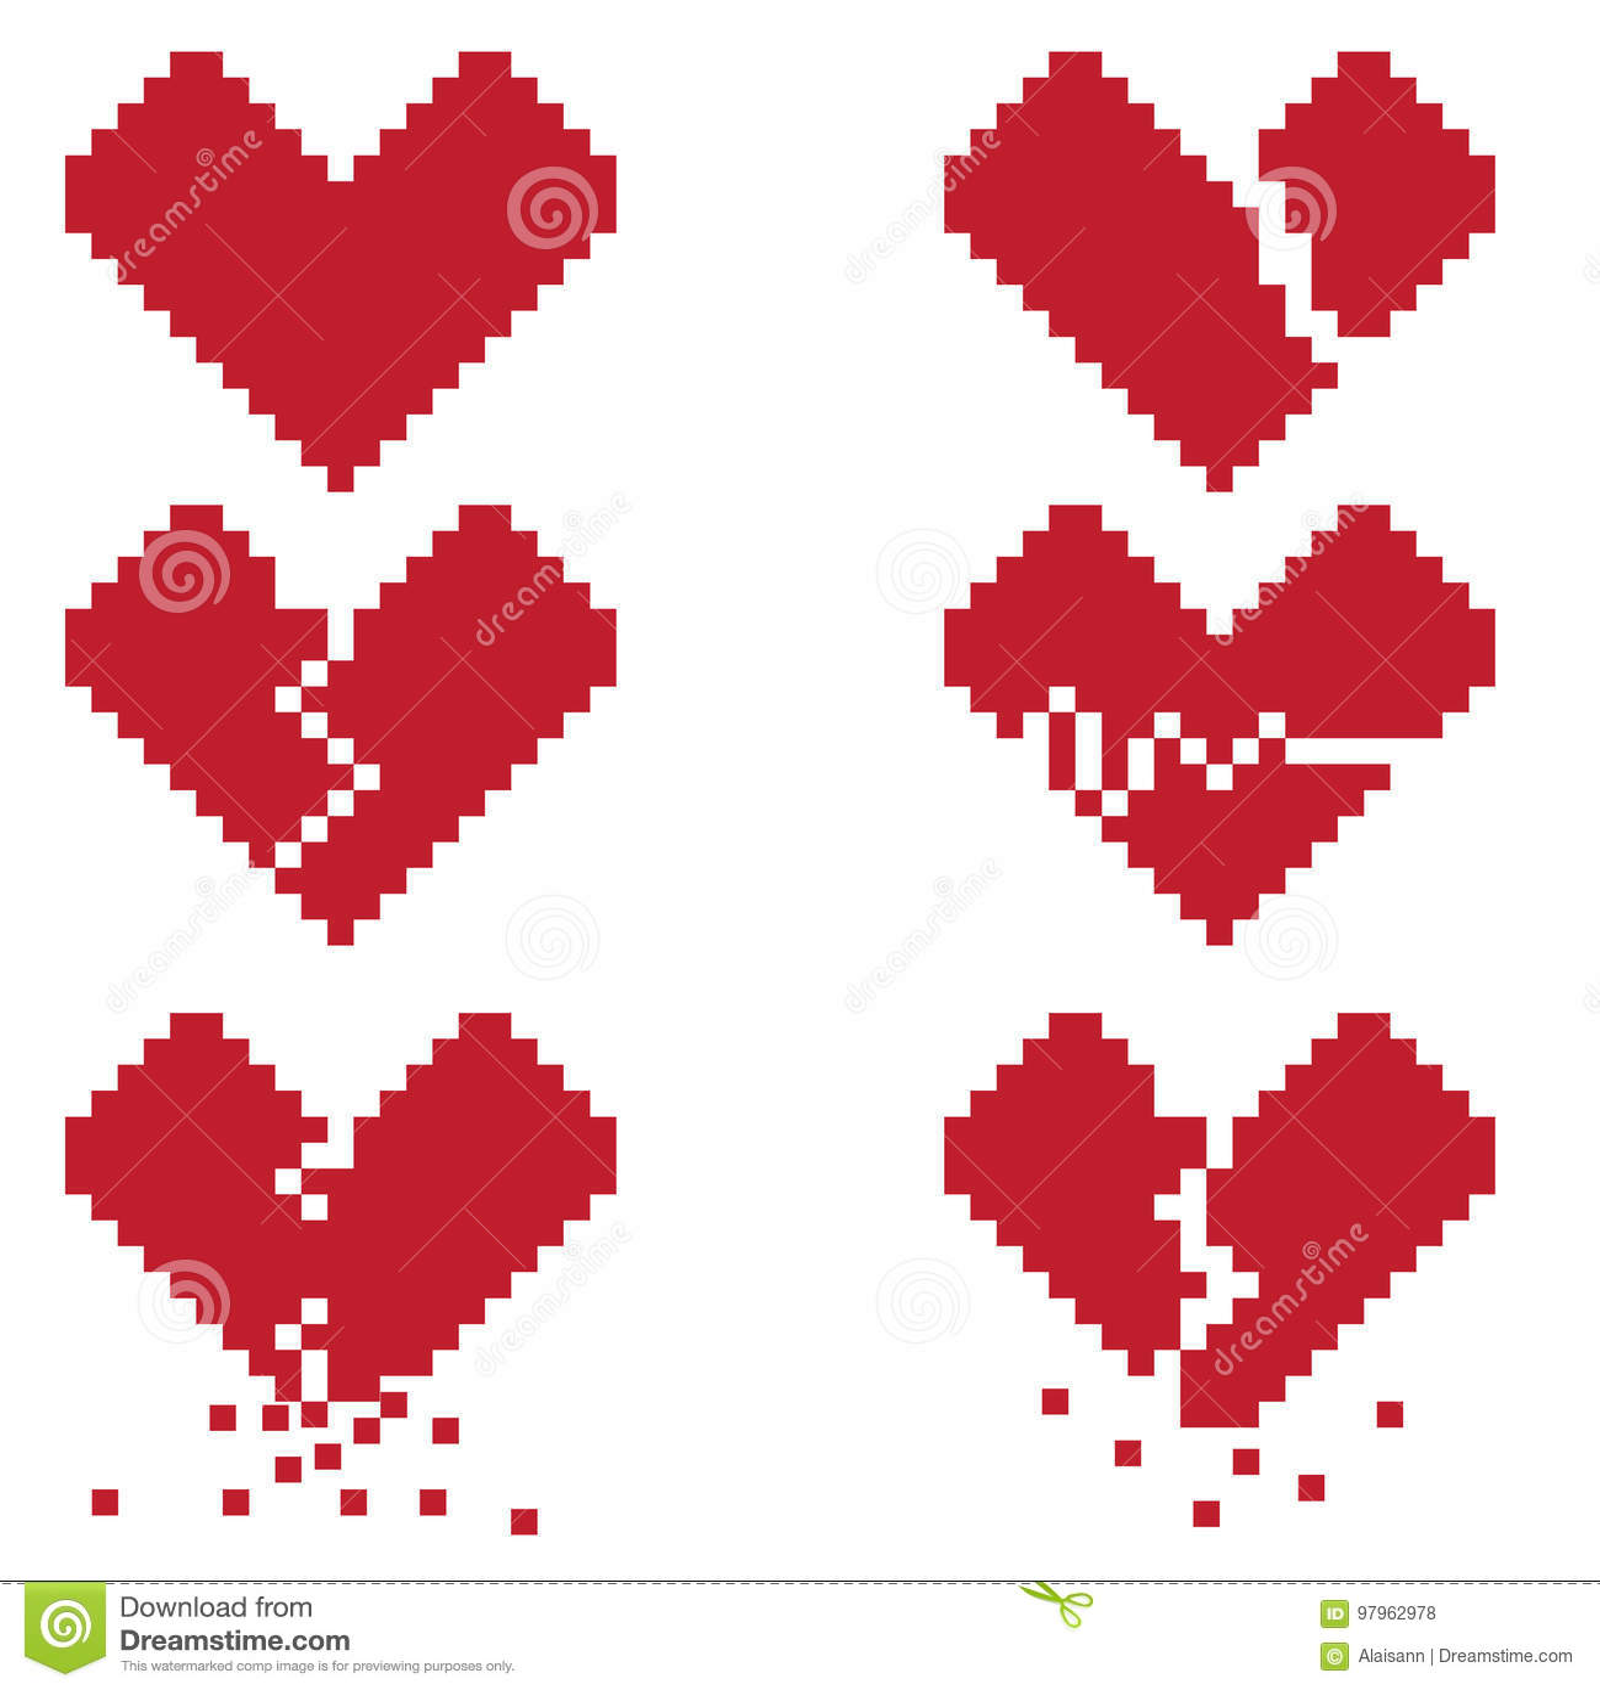 Un Coeur Brise Est Un Ensemble De Six Icones De Pixel Avec Les Coeurs Brises Illustration De Vecteur Illustration Du Brises Icones 97962978